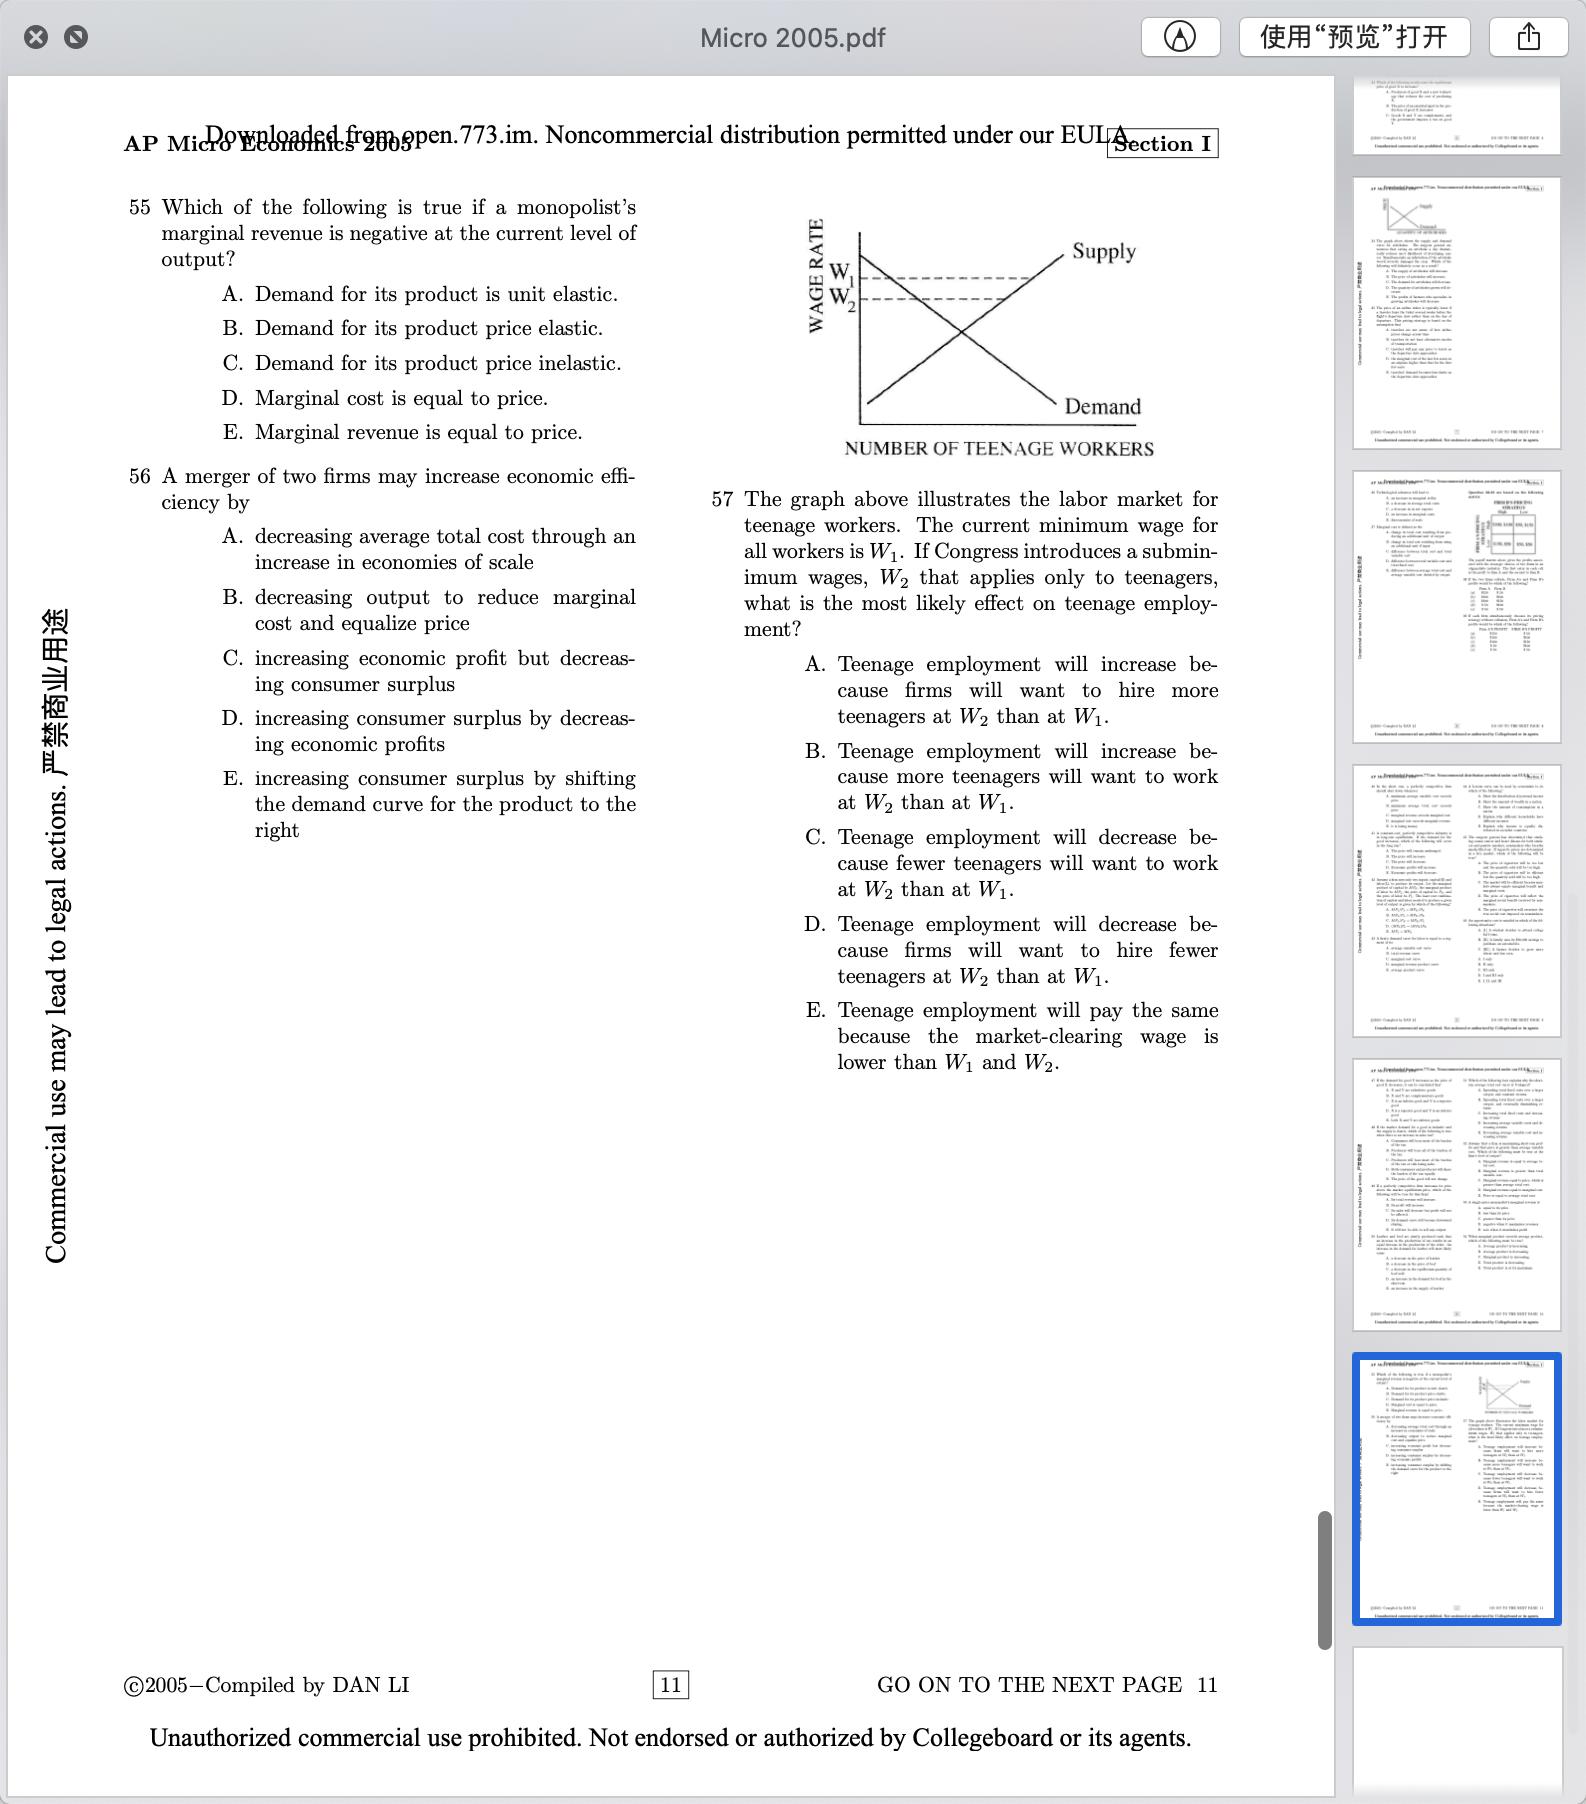 2005年AP微观经济学真题下载